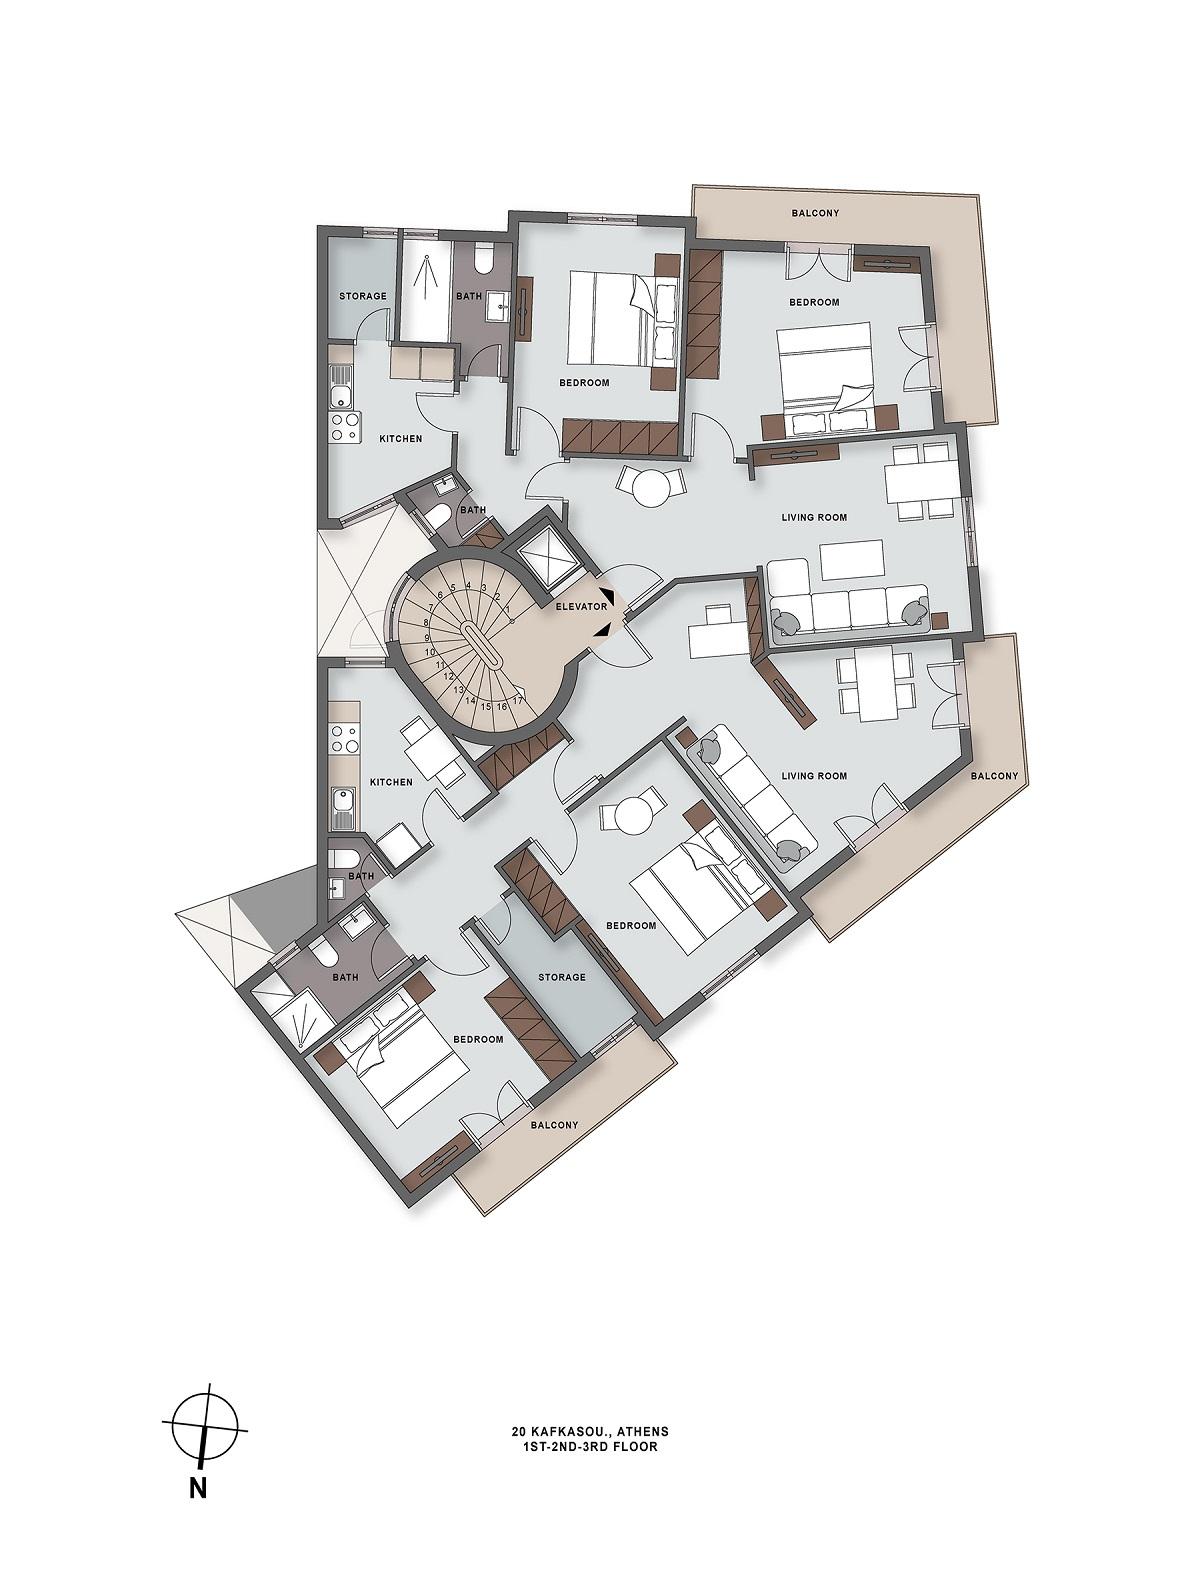 Kafkasou 20 1st ot 3rd floor plan